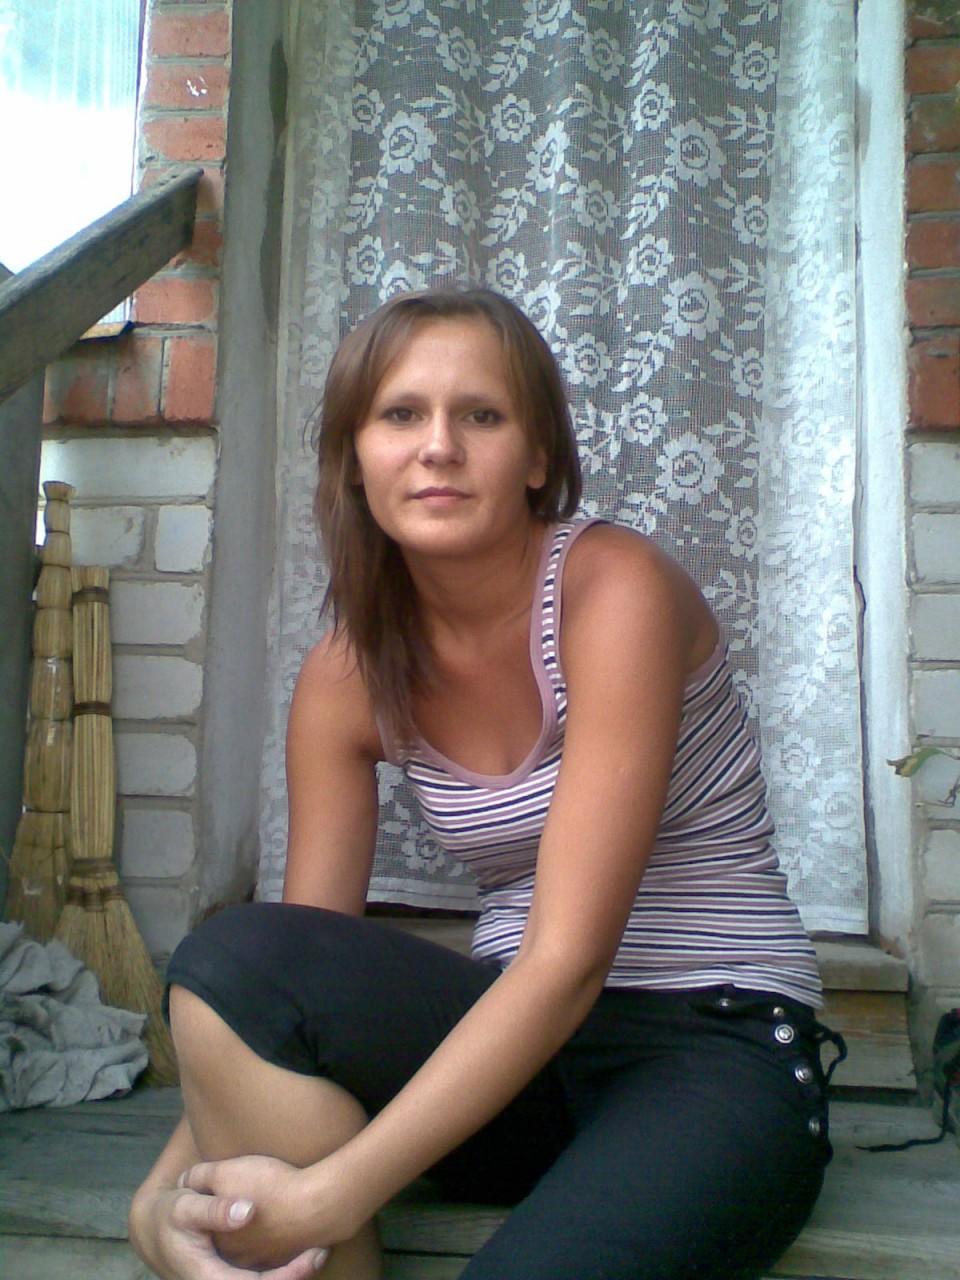 Регистраций киев на одну без знакомство ночь